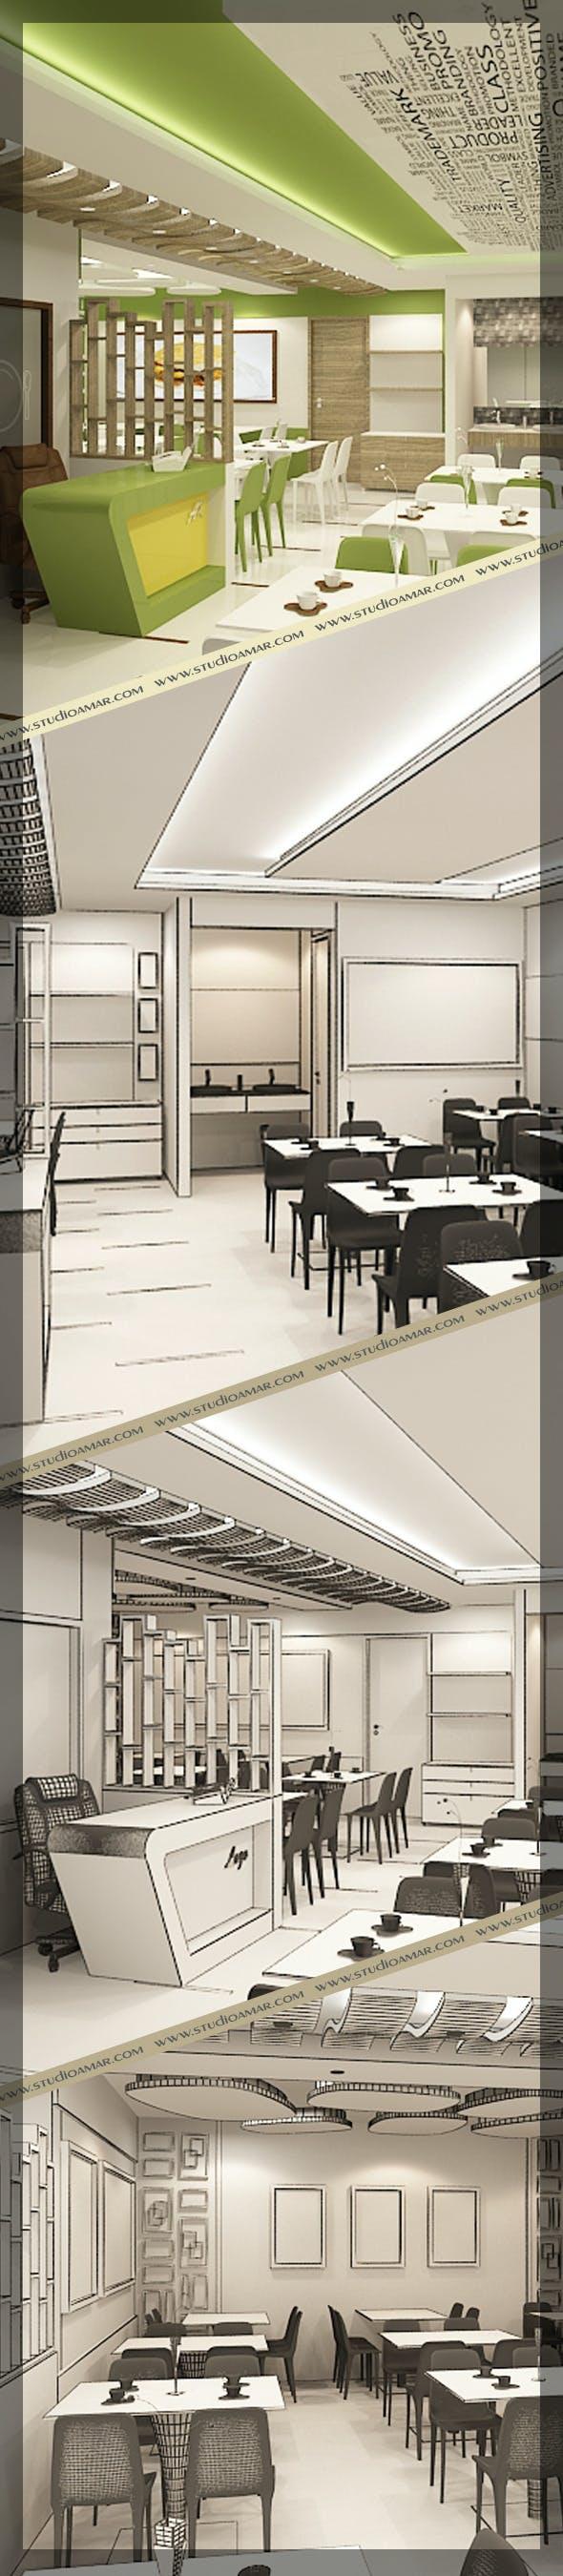 Restaurant 3d interior design 120 - 3DOcean Item for Sale